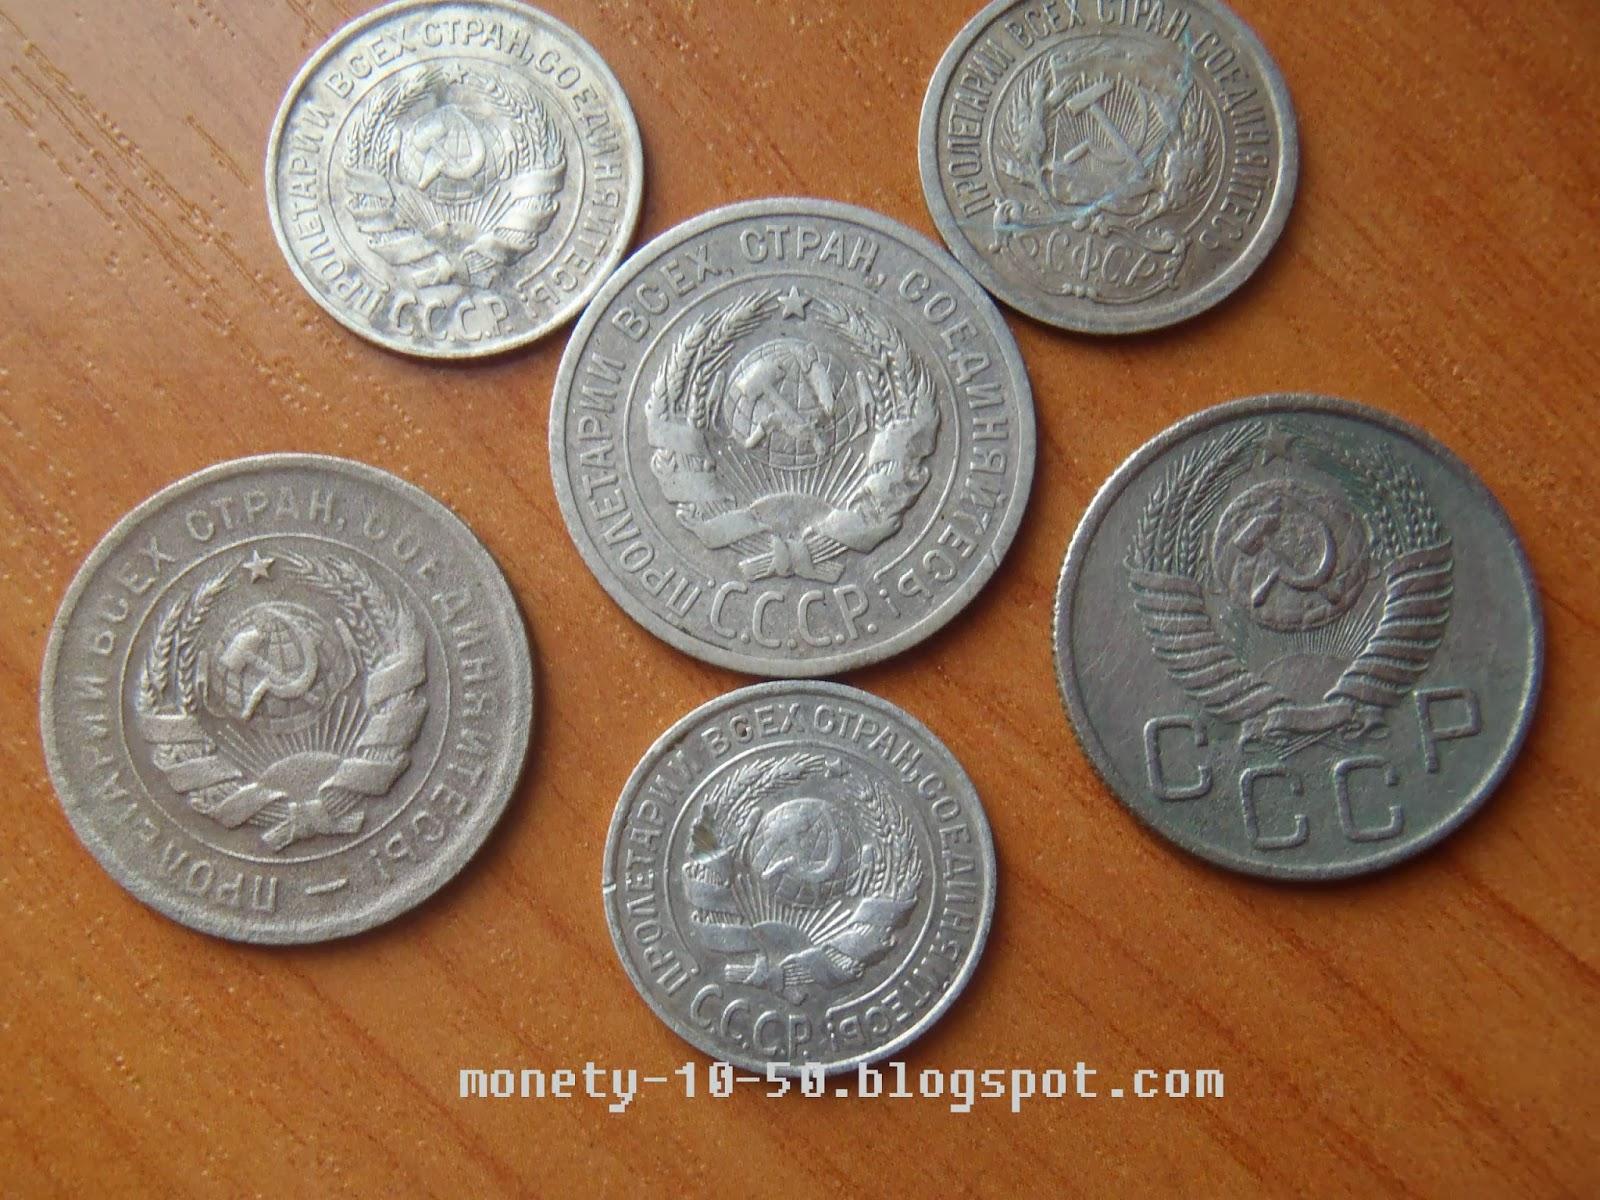 Купить монеты империи в москве искатели золота видео